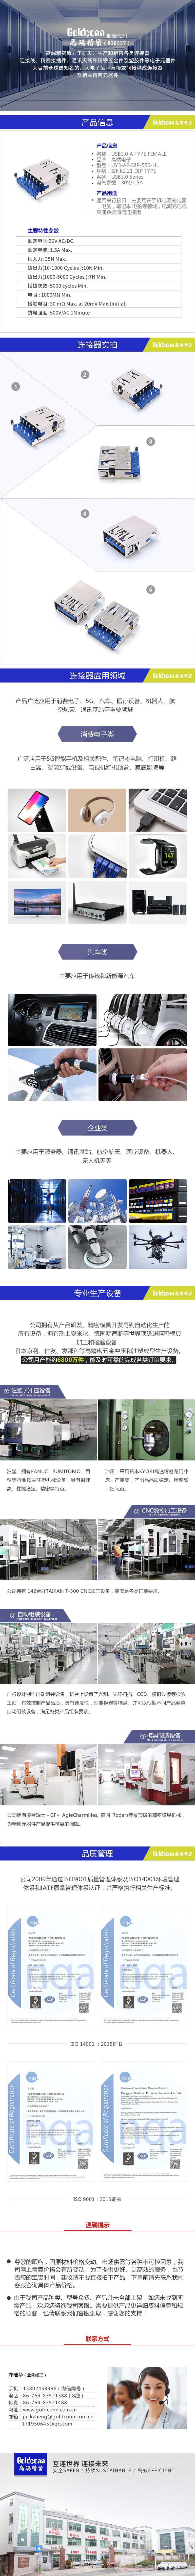 汽车连接器_高端精密电脑手机汽车连接器USB3.0TYPEA母座-阿里巴巴